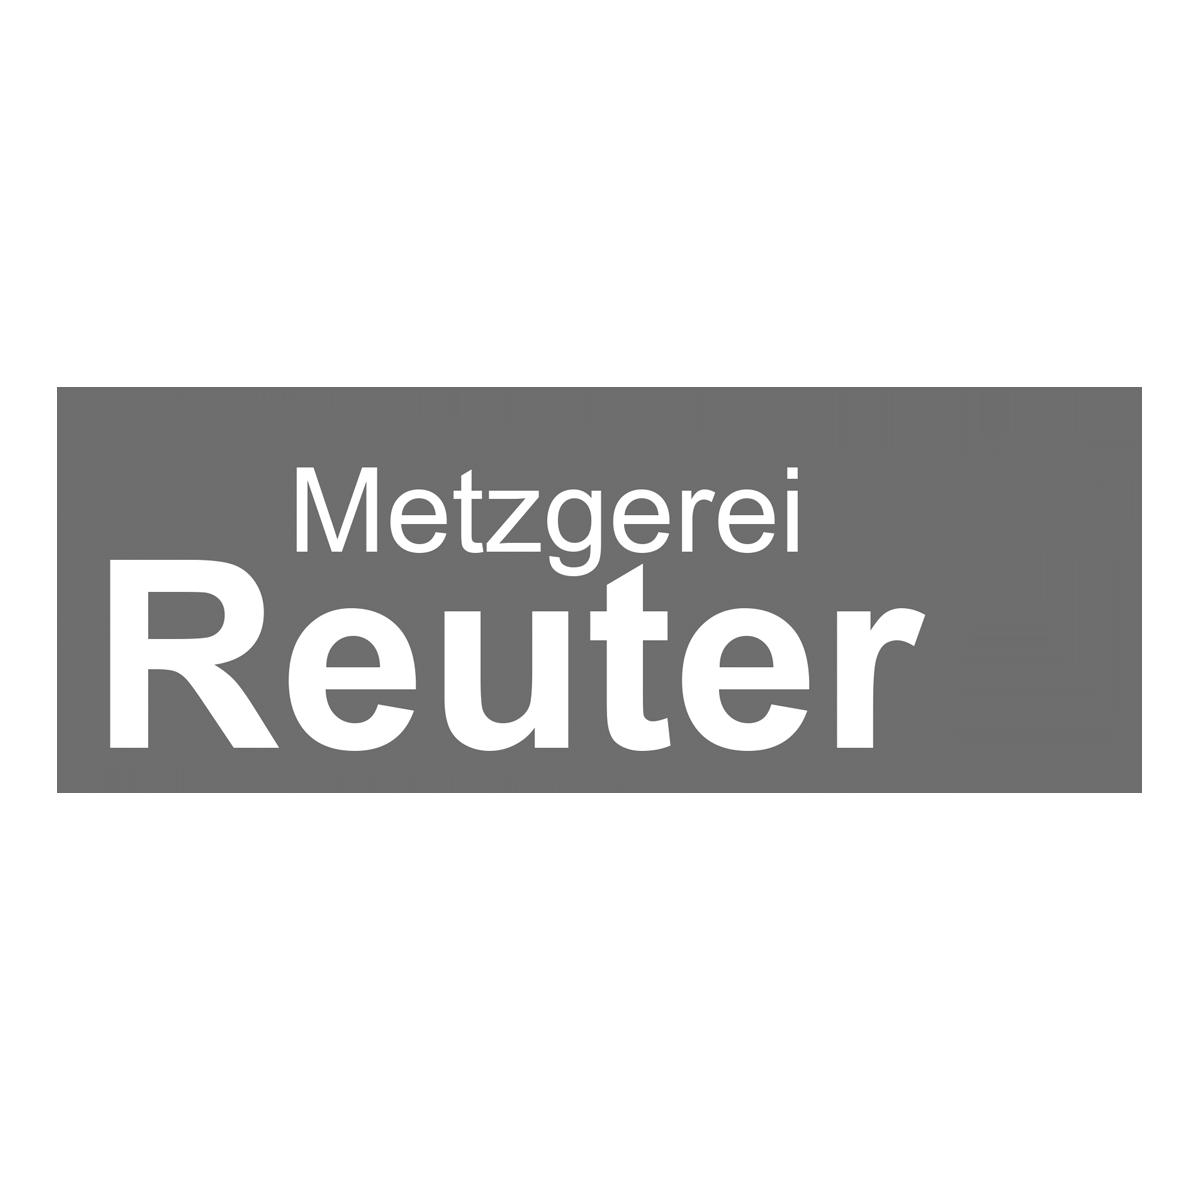 Metzgerei Reuter